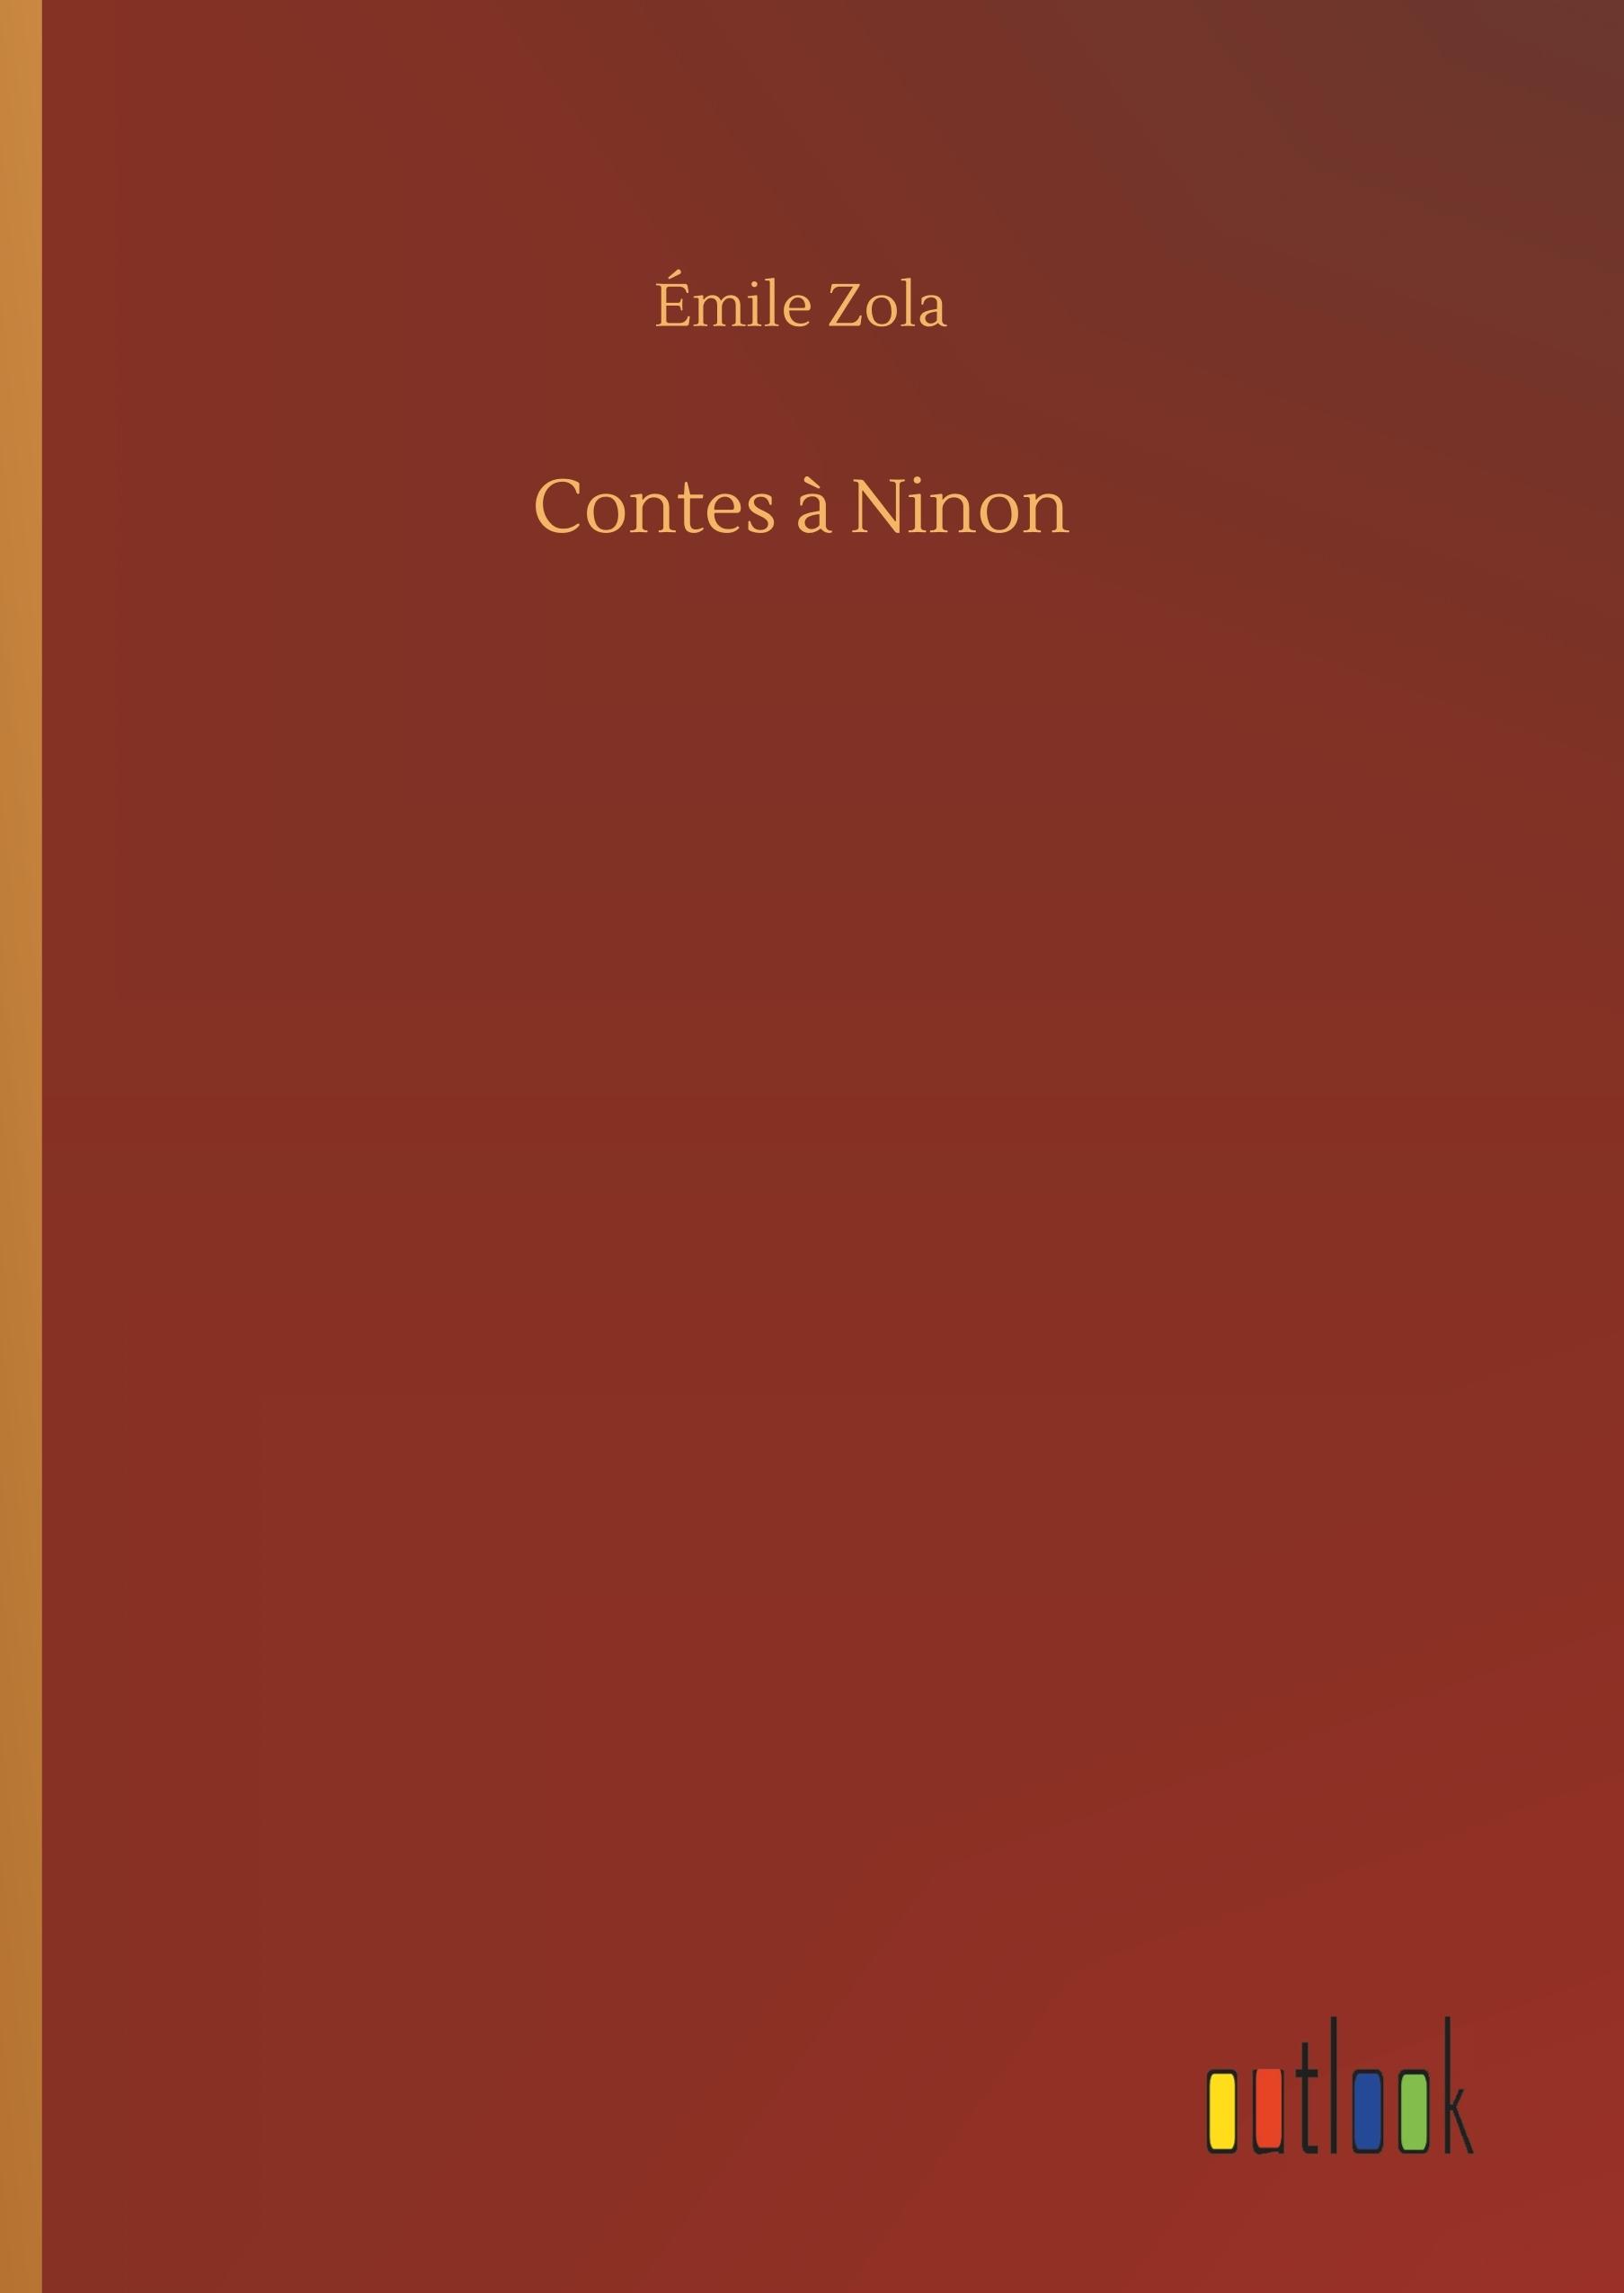 CONTES A NINON